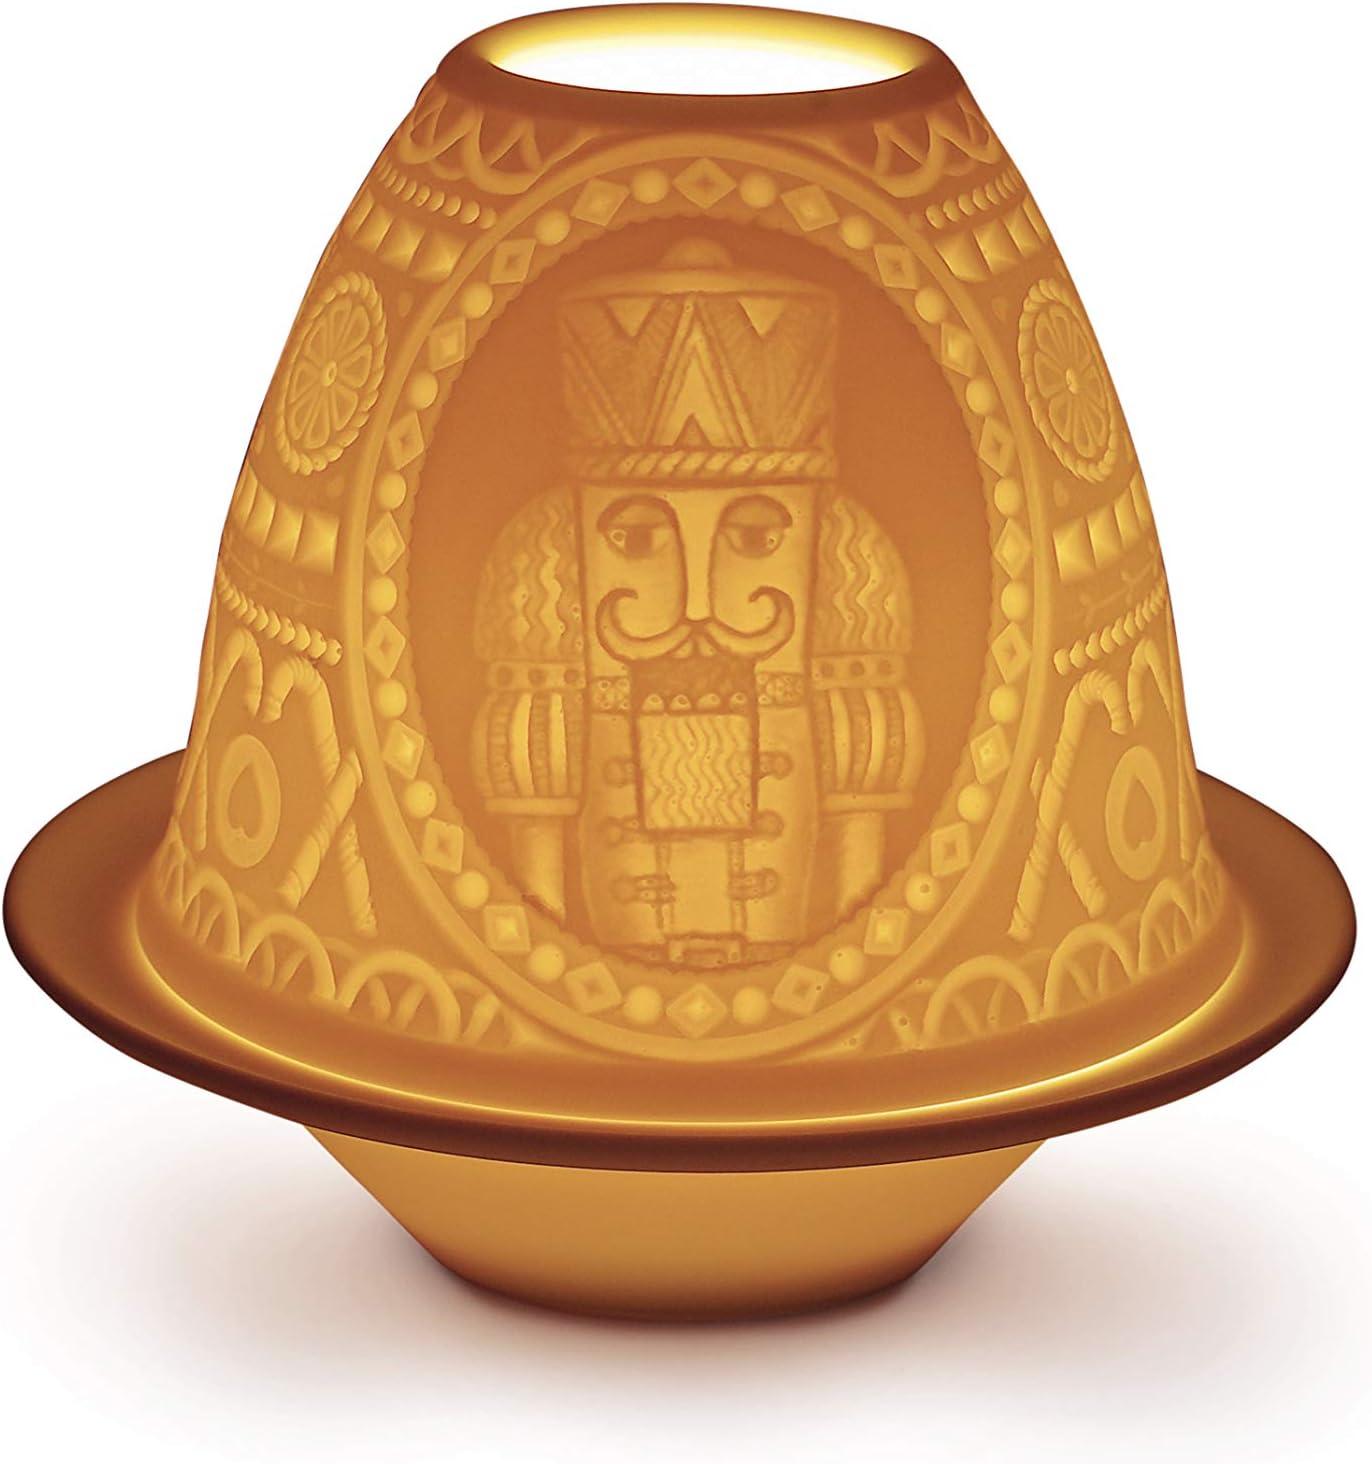 LLADR/Ó Litofan/ía Cascanueces con Plato Litofan/ía de Porcelana.